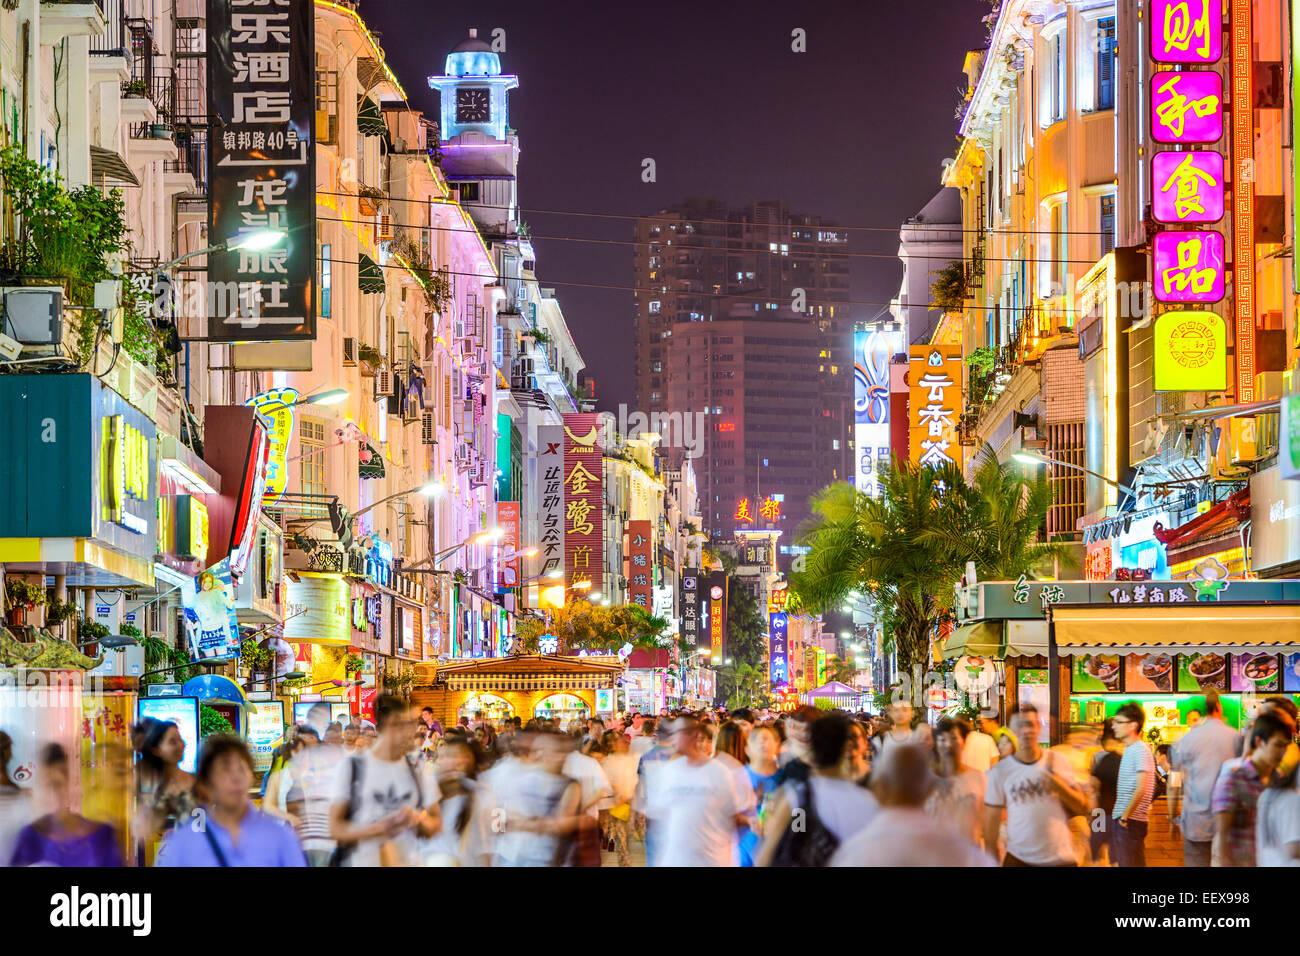 Los peatones caminar en Zhongshan Road en la noche en Xiamen, China. Imagen De Stock